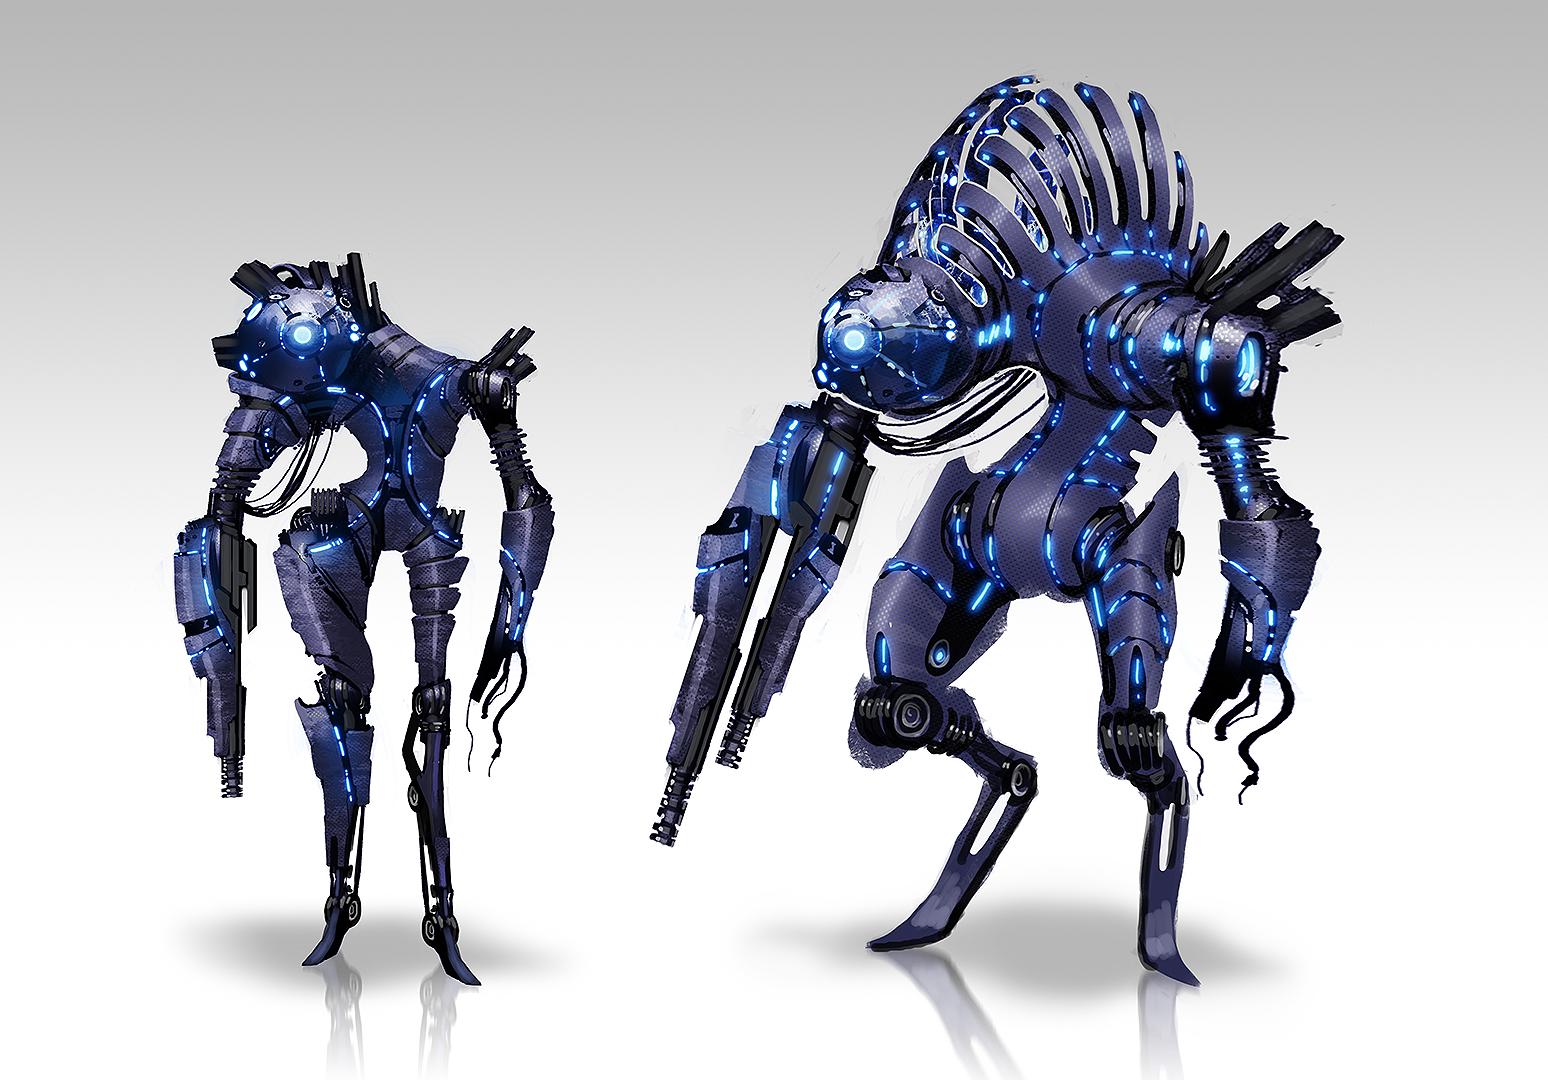 Takhle mohl původně vypadat Mass Effect a Dragon Age 85153